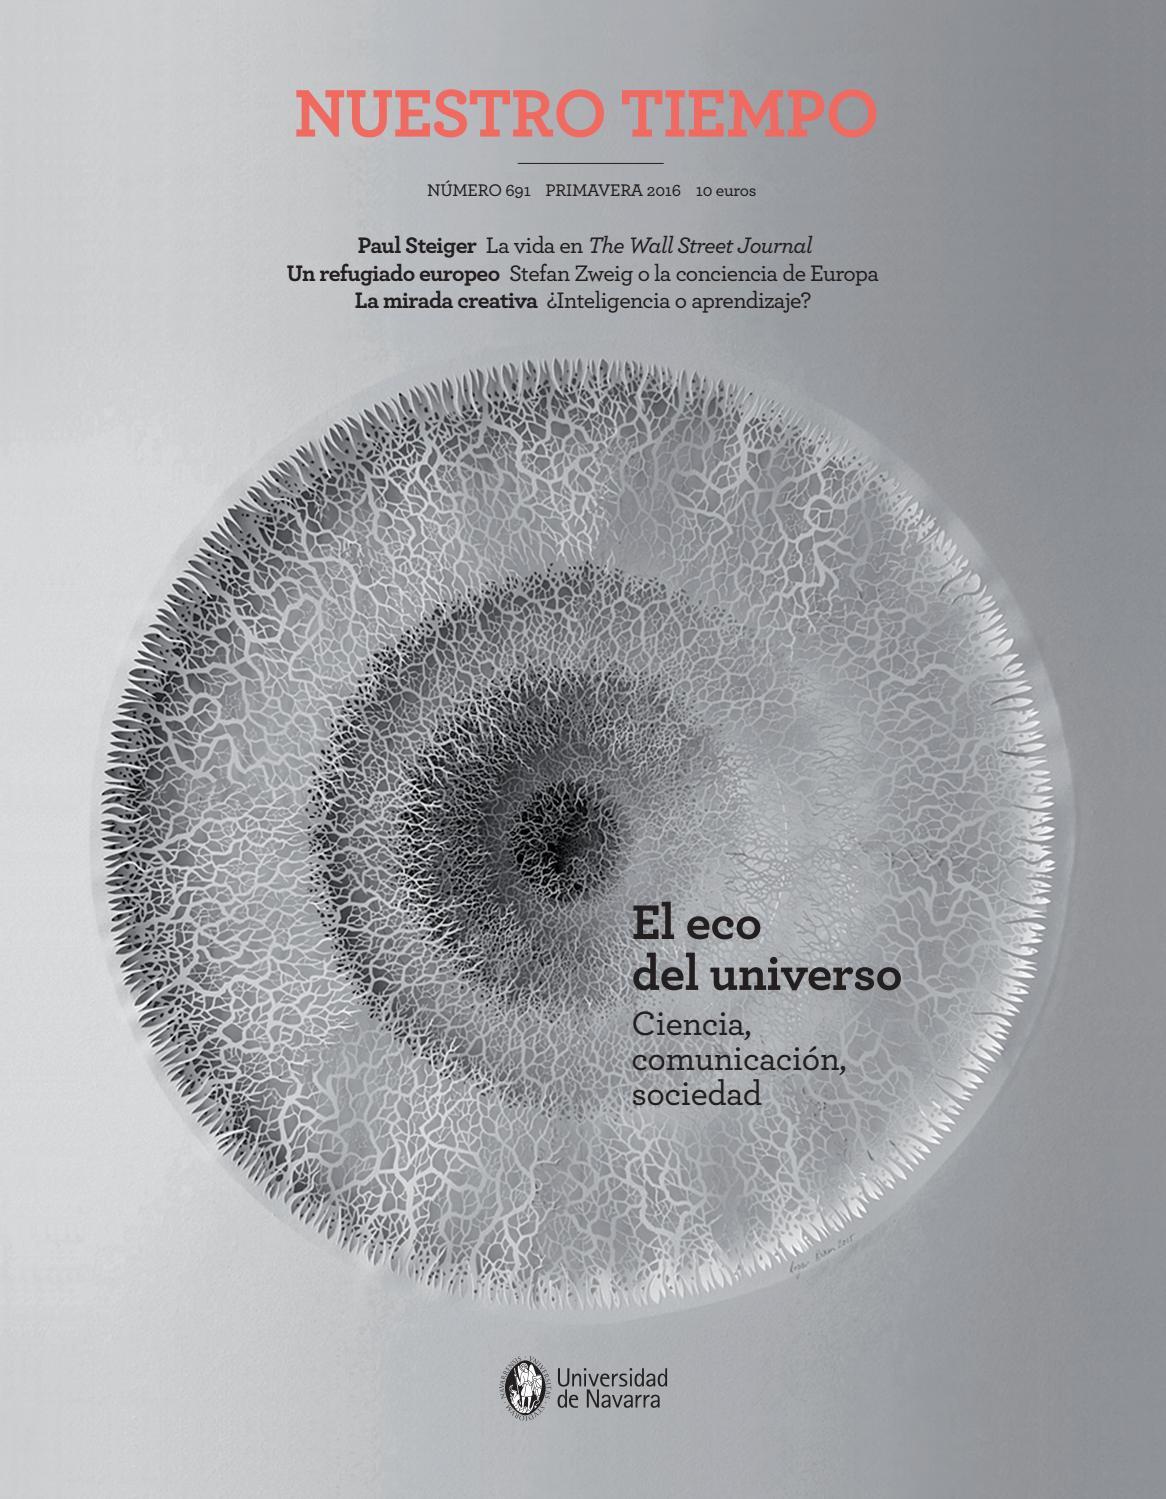 Nuestro Tiempo 691 by Revista Nuestro Tiempo - issuu